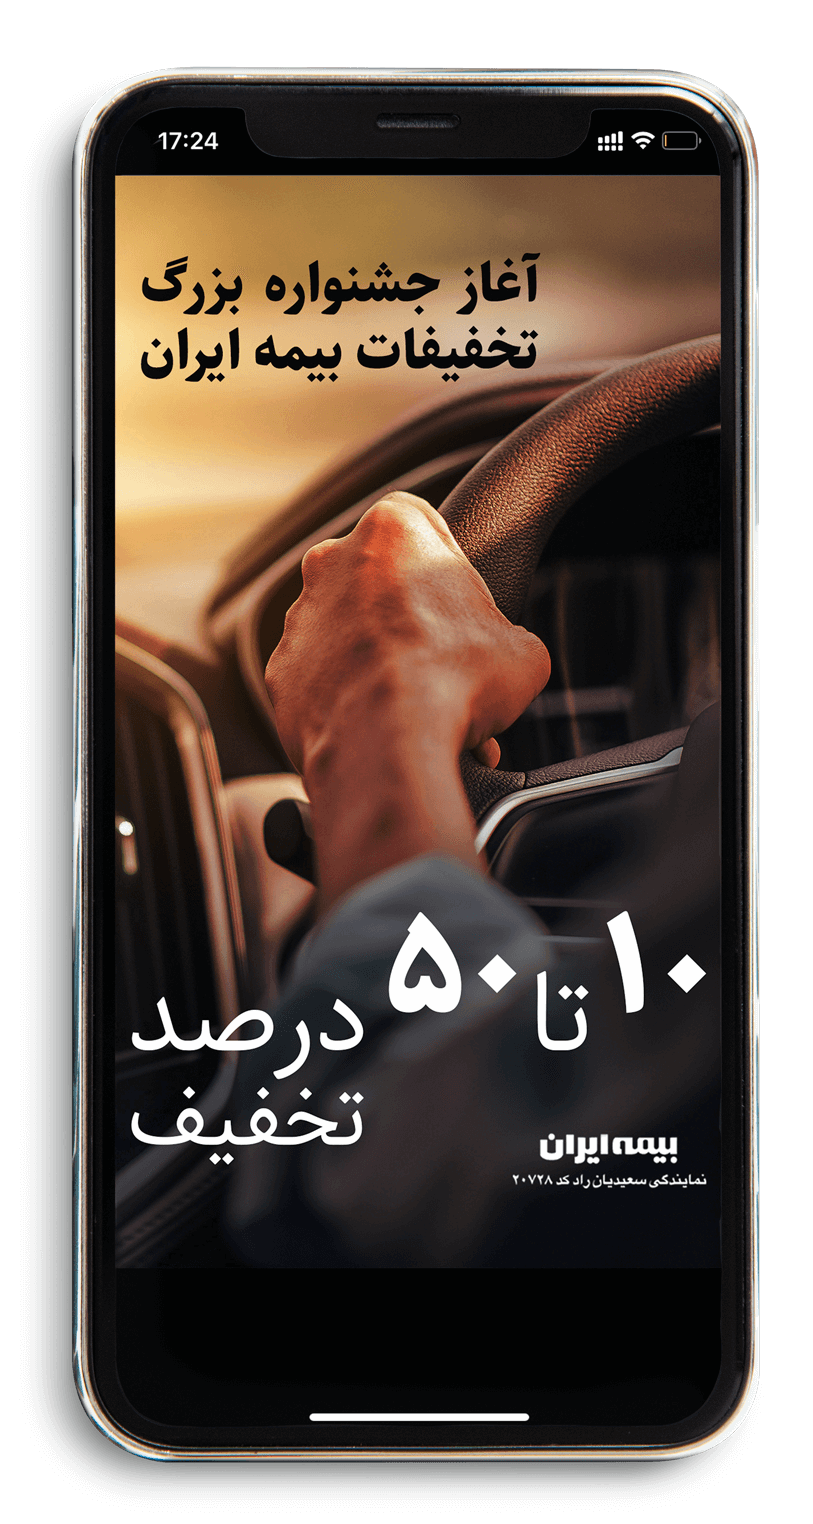 اینستاگرام نمایندگی بیمه ایران